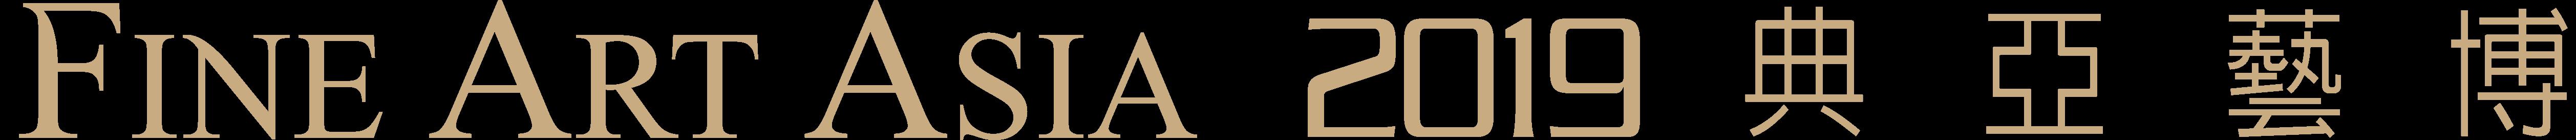 Fineartasia